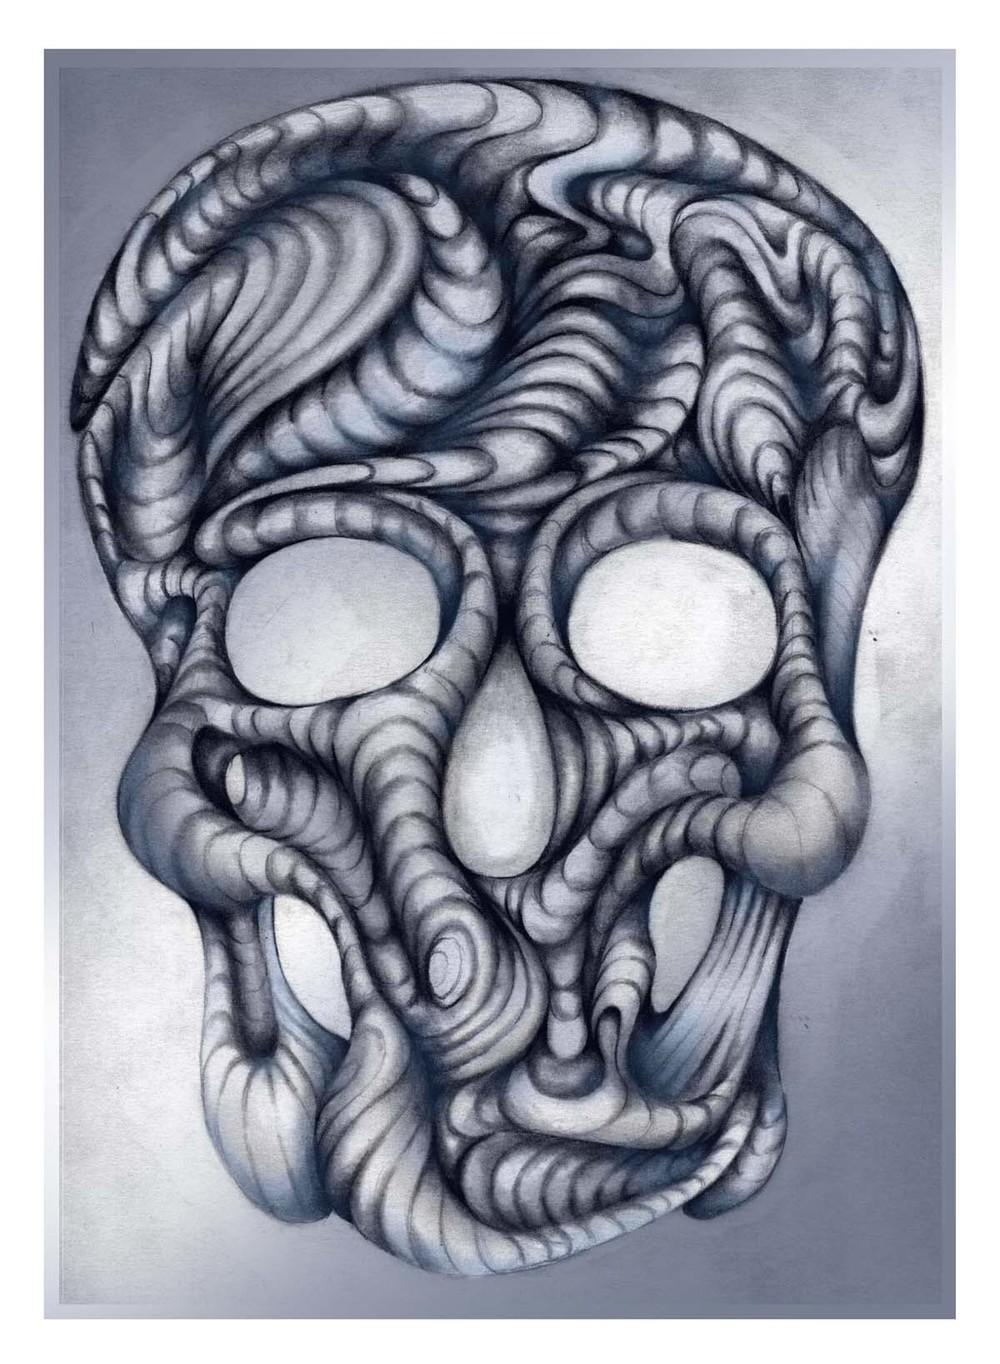 Skull1 web.jpg